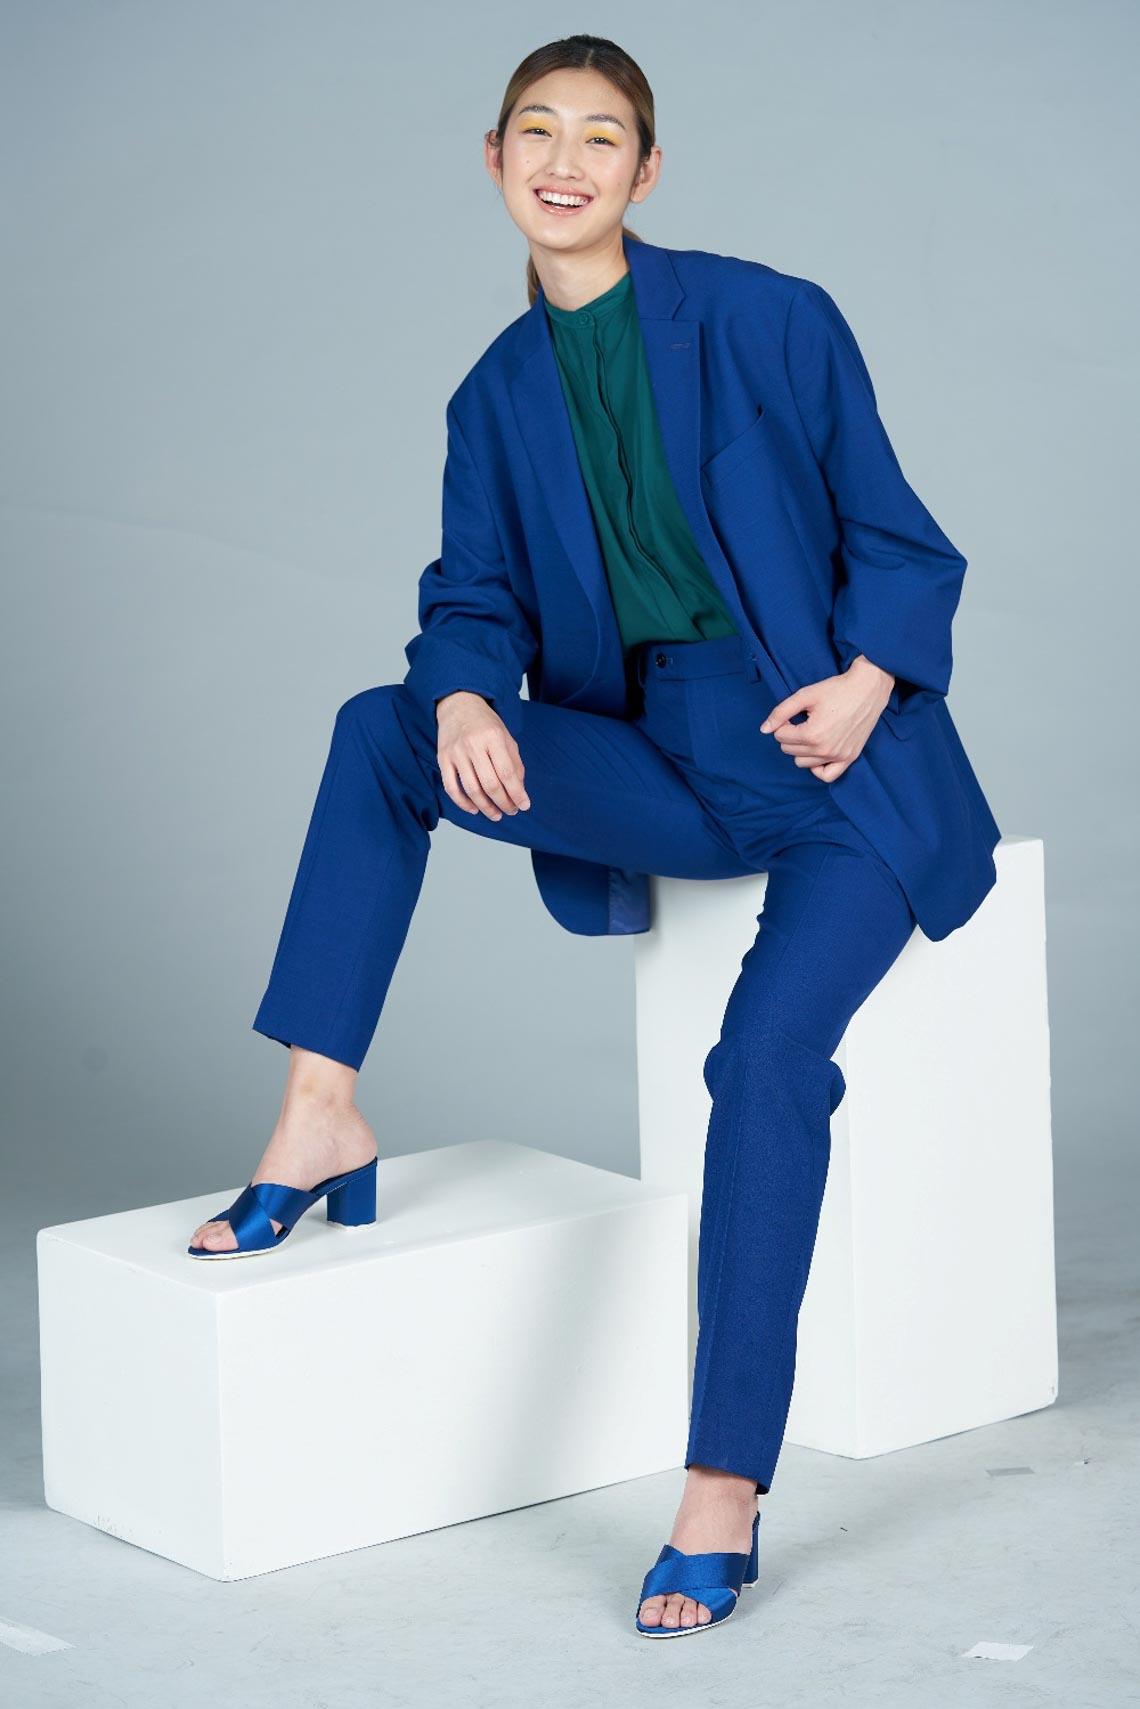 Các màu sắc trang phục giúp cải thiện tâm trạng tốt hơn -9